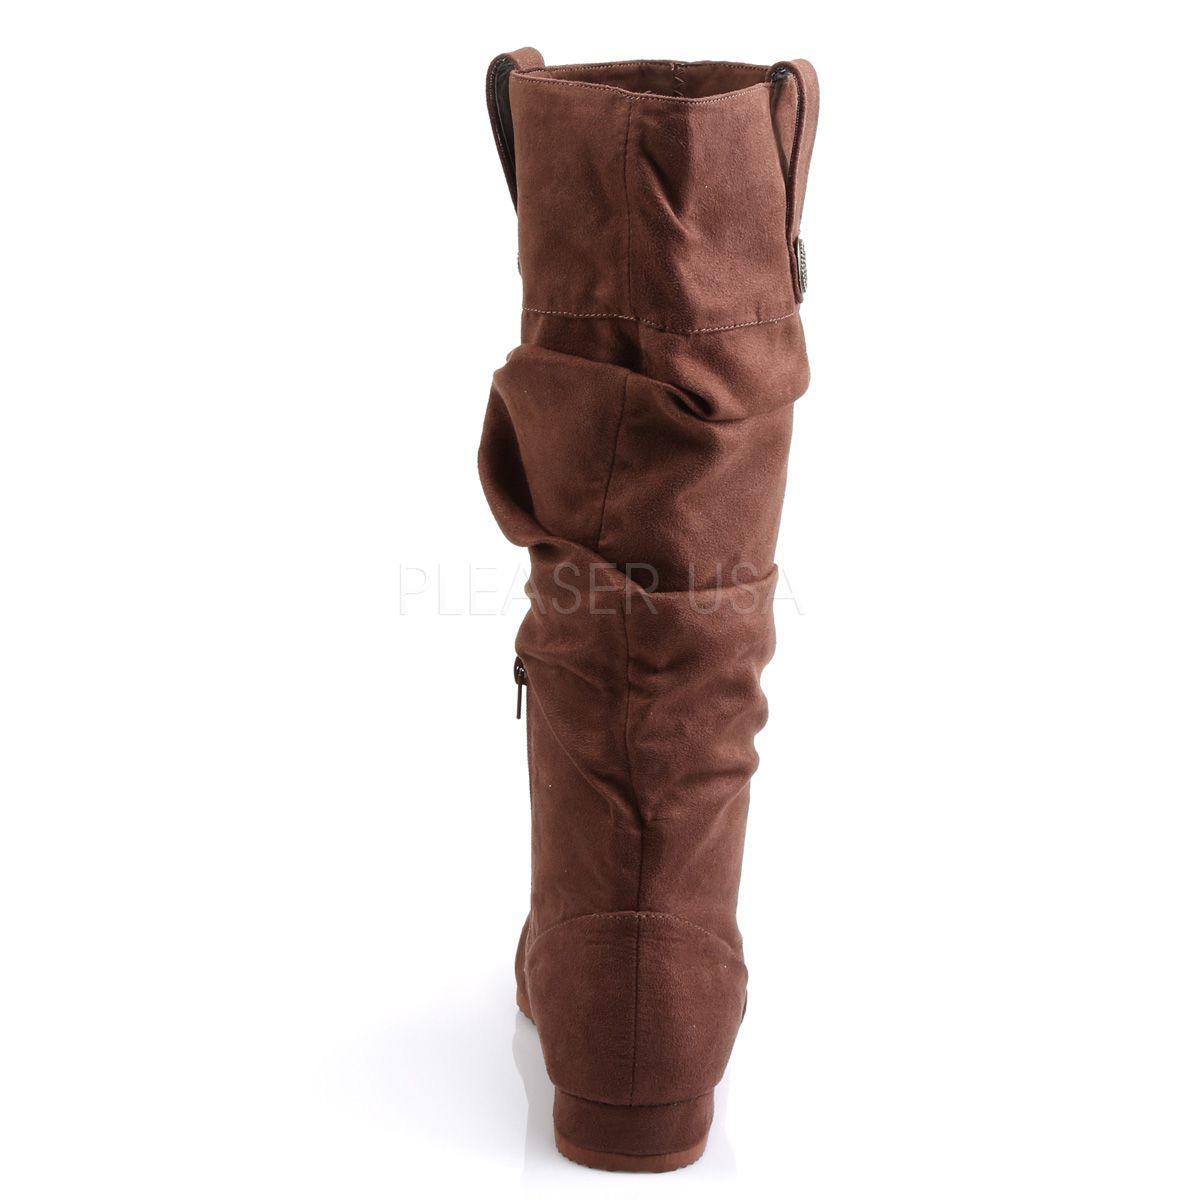 Botas planas de nobuk para hombre plisadas para disfraz de epoca